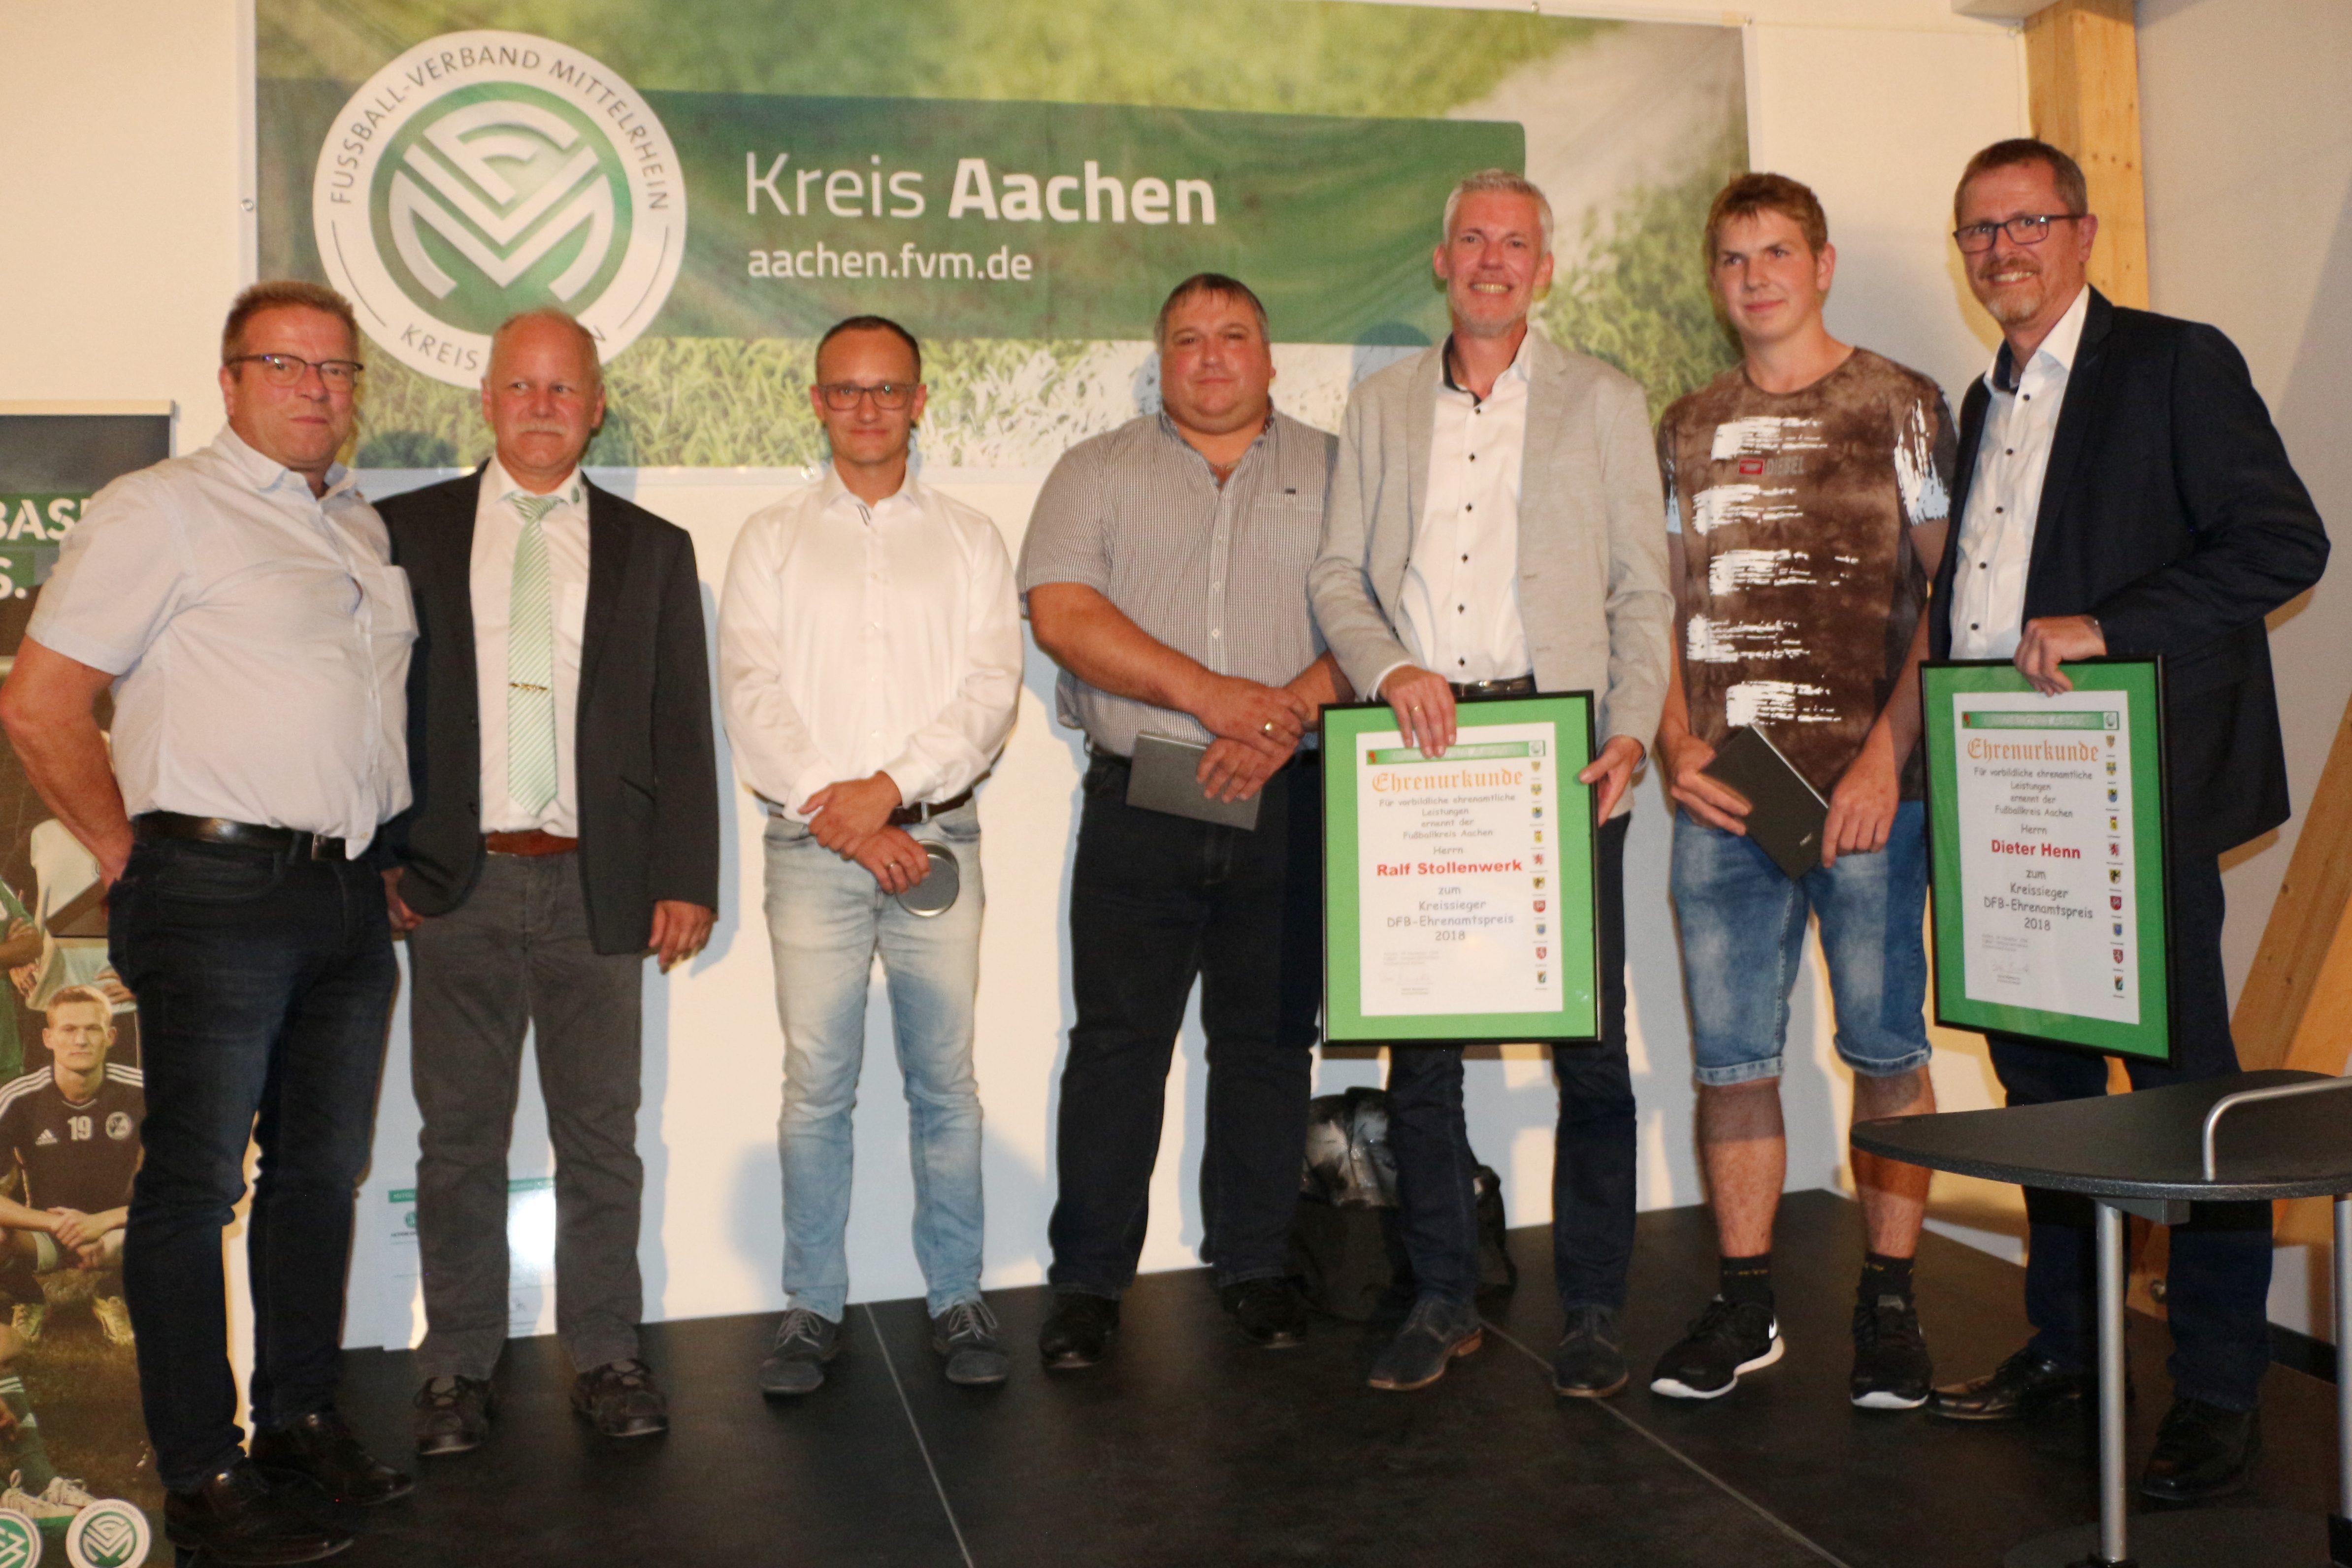 vl. Rolf Schneider, Bernd Mommertz, Christian Hürtgen, Volker STollenwerk, Ralf Stollenwerk, Tim Claaßen und Dieter Henn